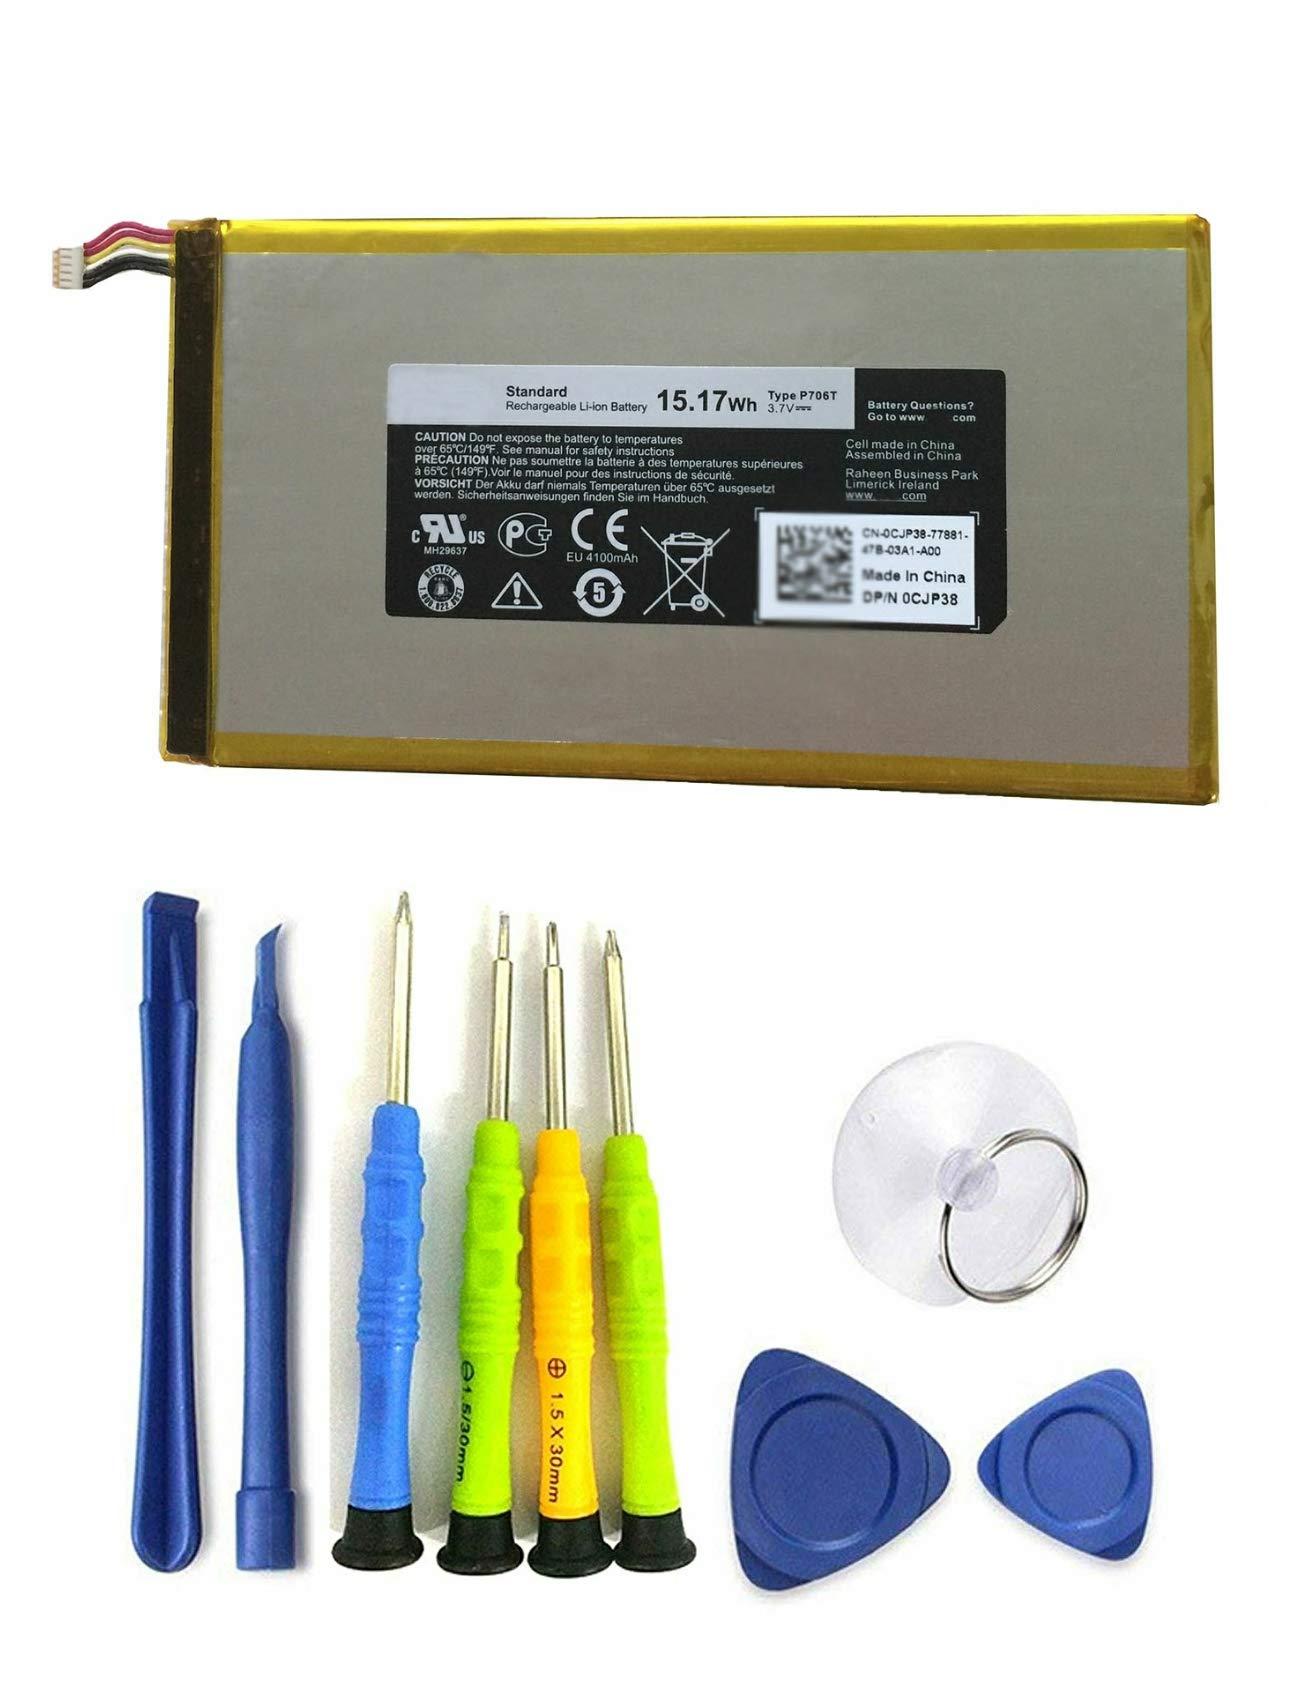 Bateria Tablet 3.7v 15.17wh/4100mah P706t Para Dell Venue 7